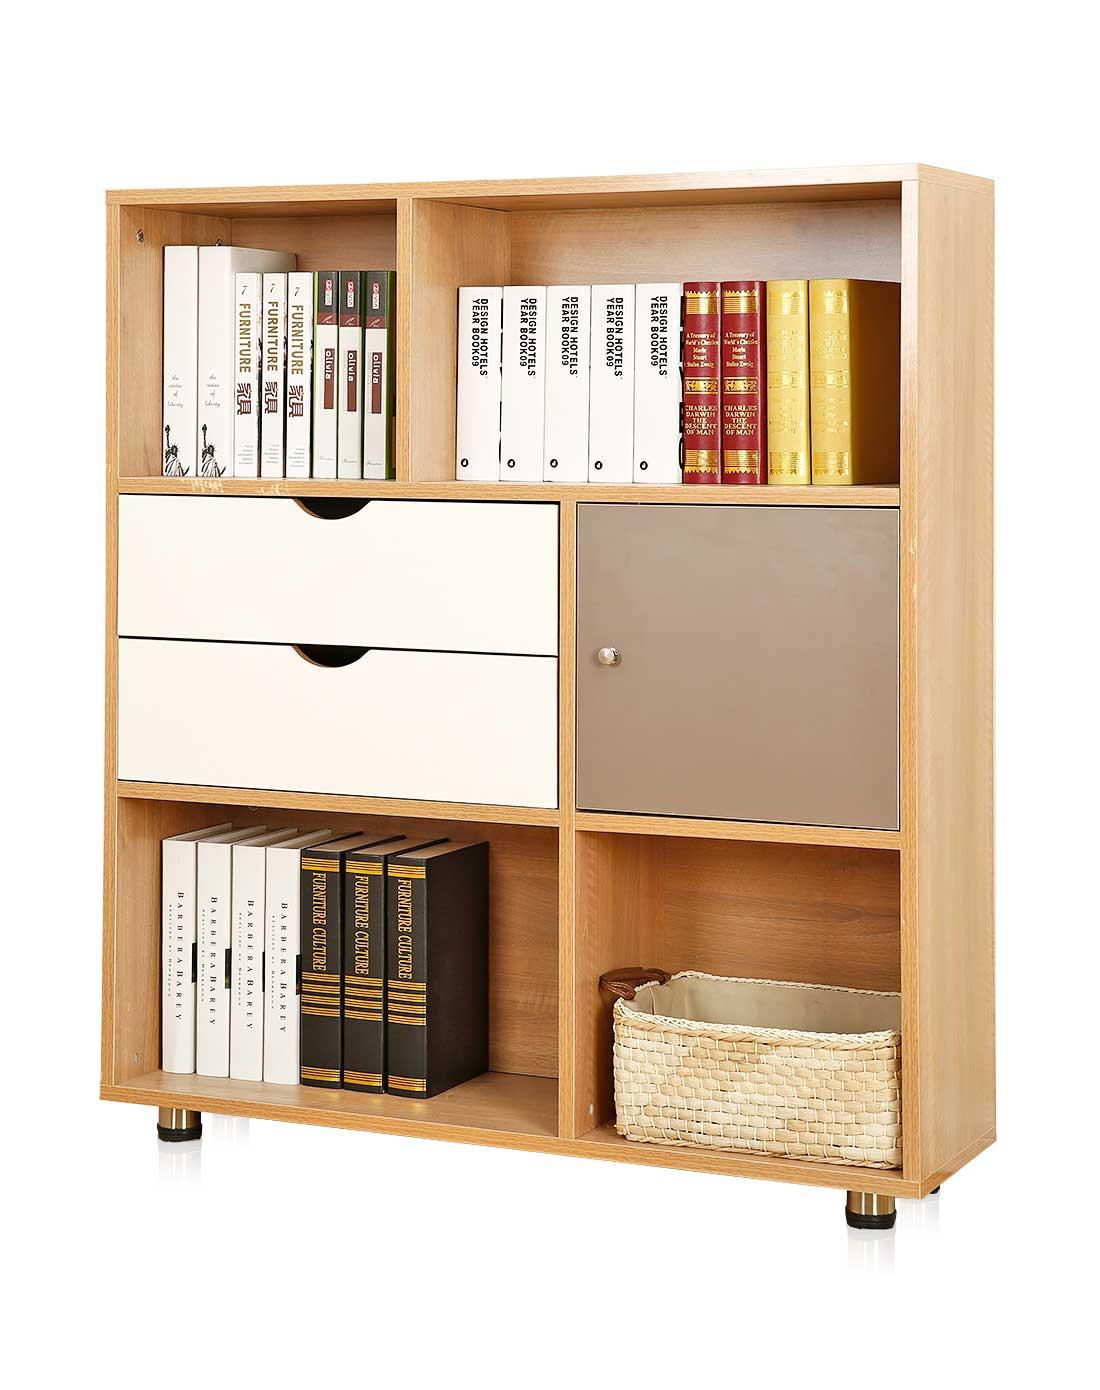 新滢铁艺原木色简易书柜自由组合儿童书桌xyjmbsn006